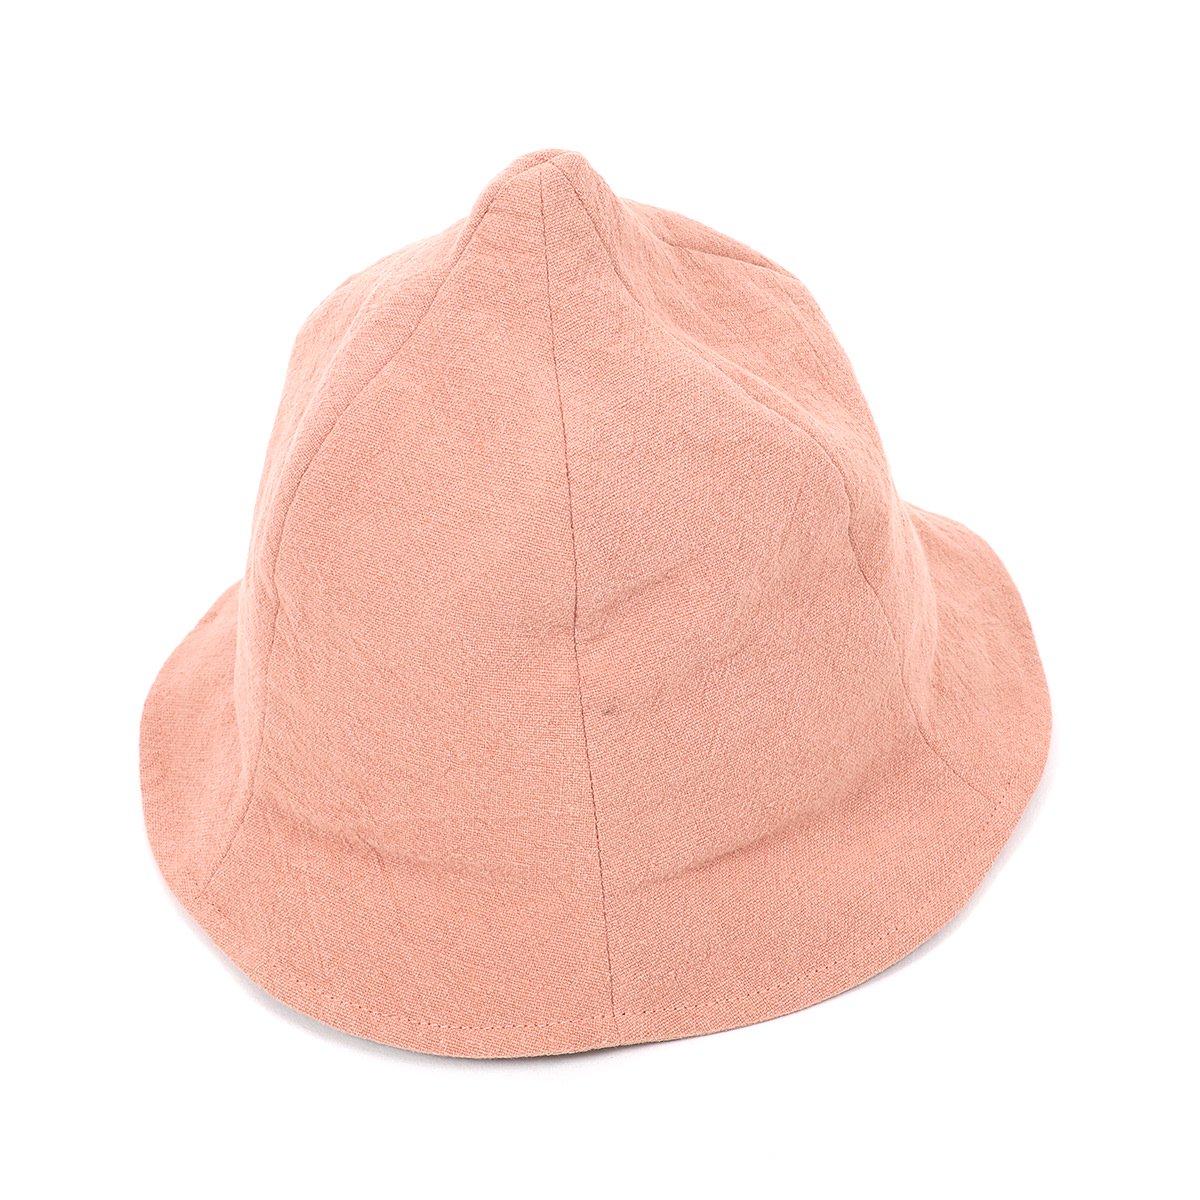 【BABY】Linen Tulips Hat 詳細画像4